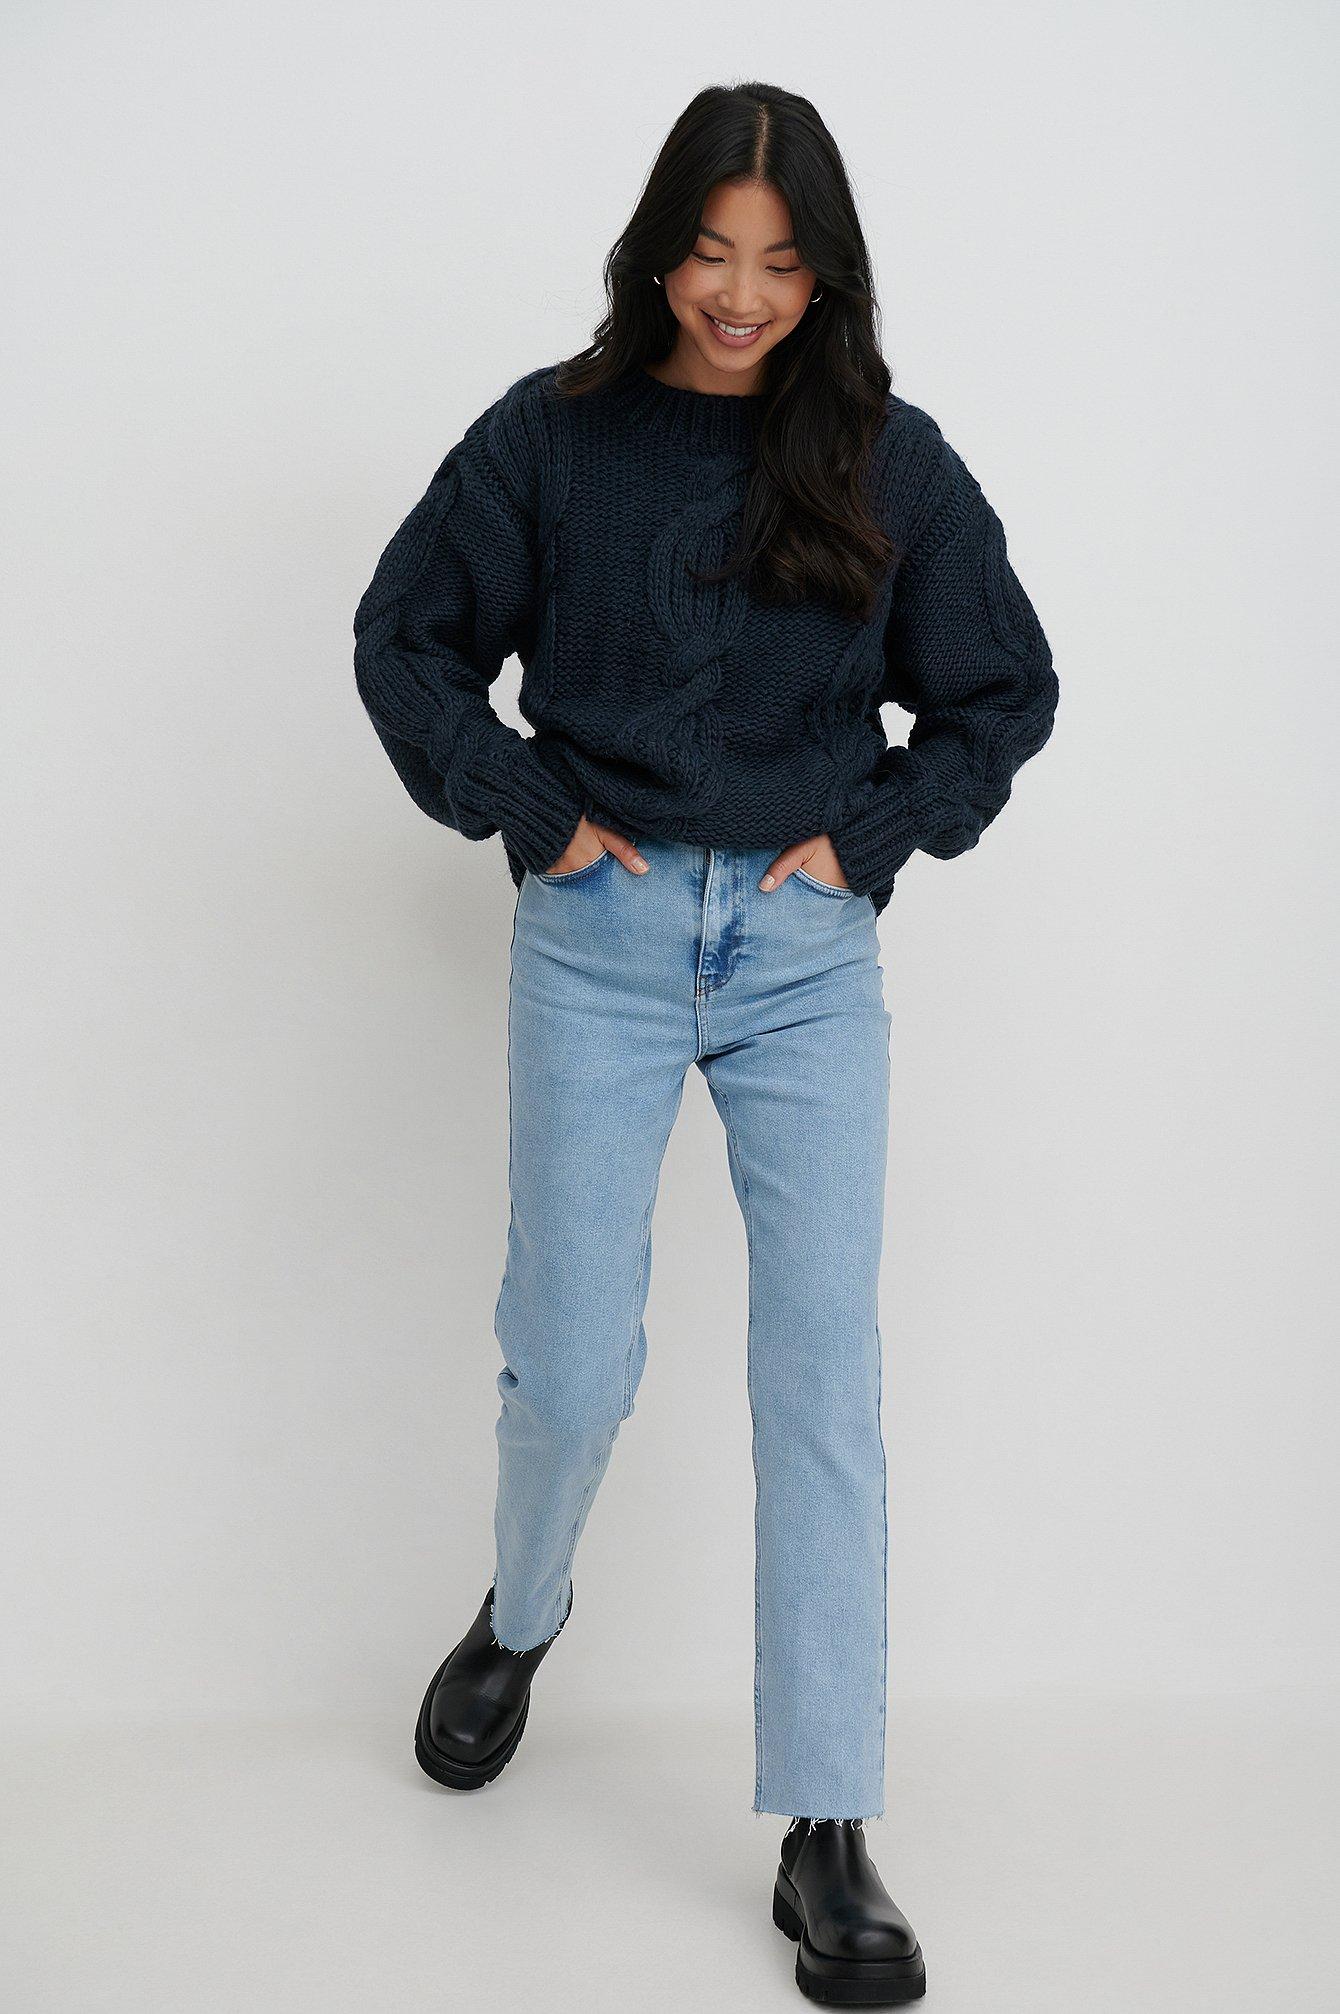 Rianne Meijer x NA-KD Økologiske denim med høj talje og rå kant - Blue